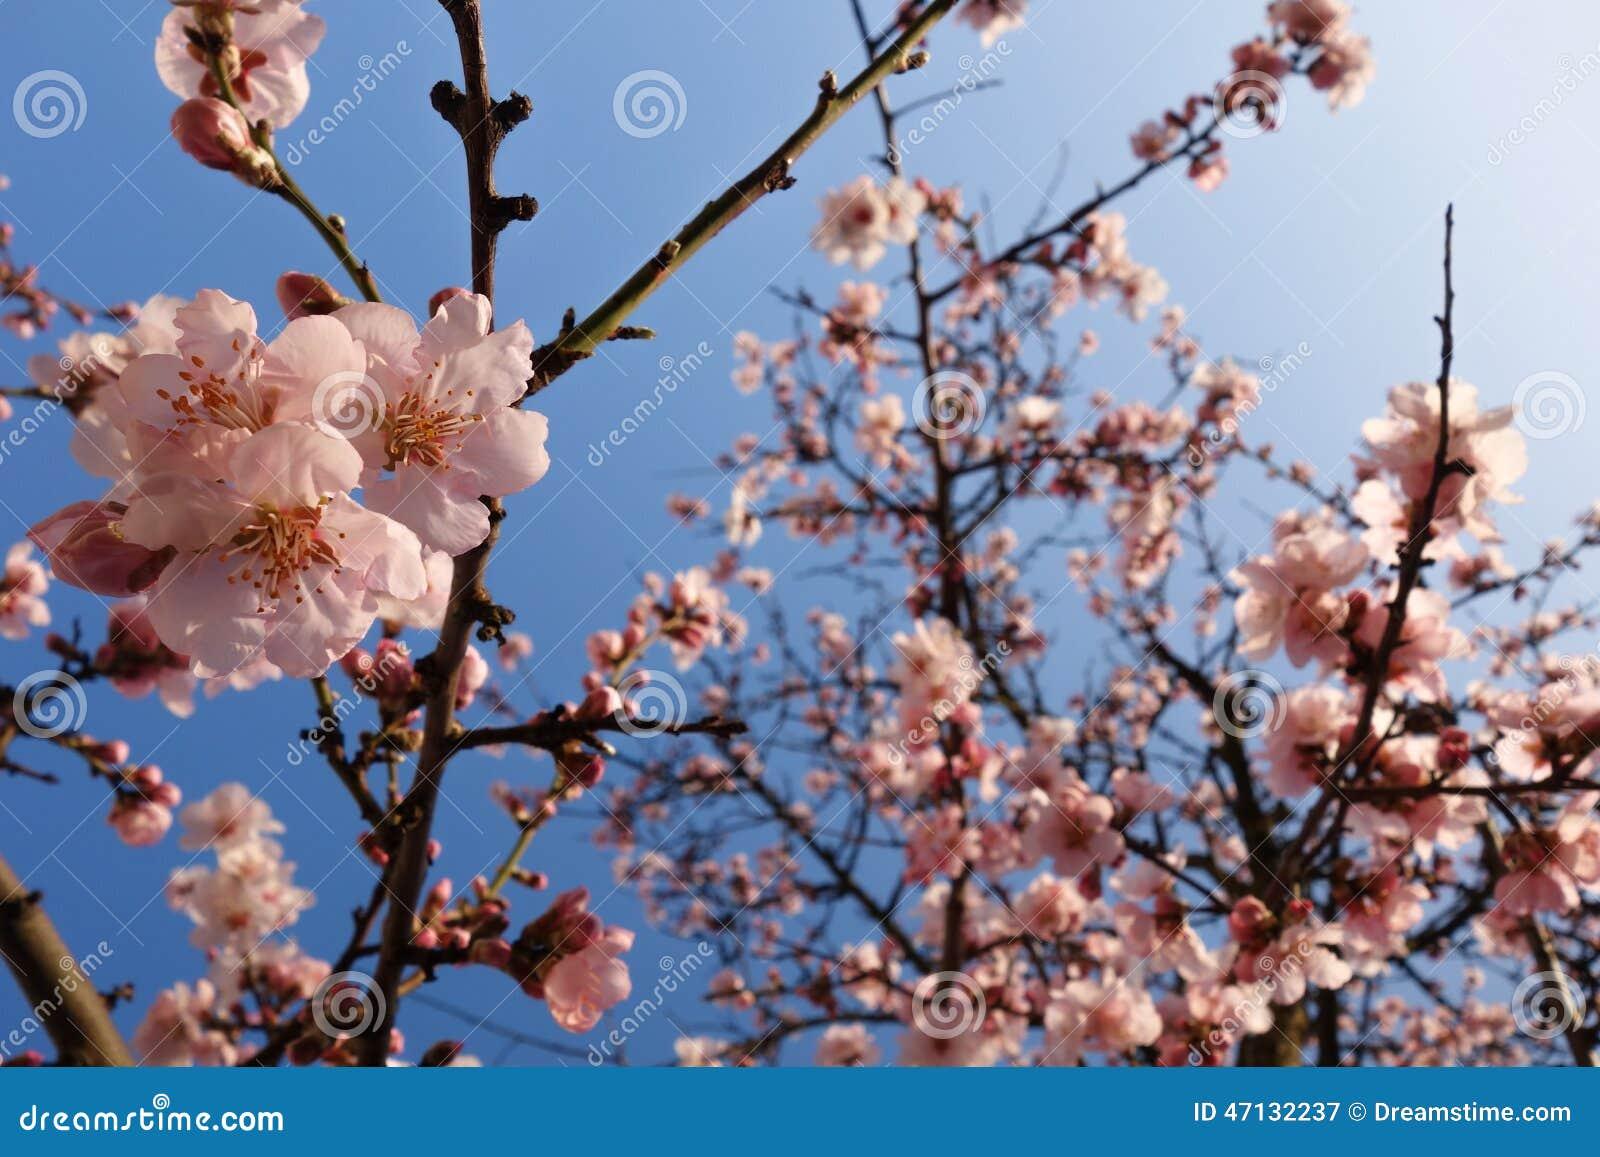 Japan Cherry Blossom During Springtime